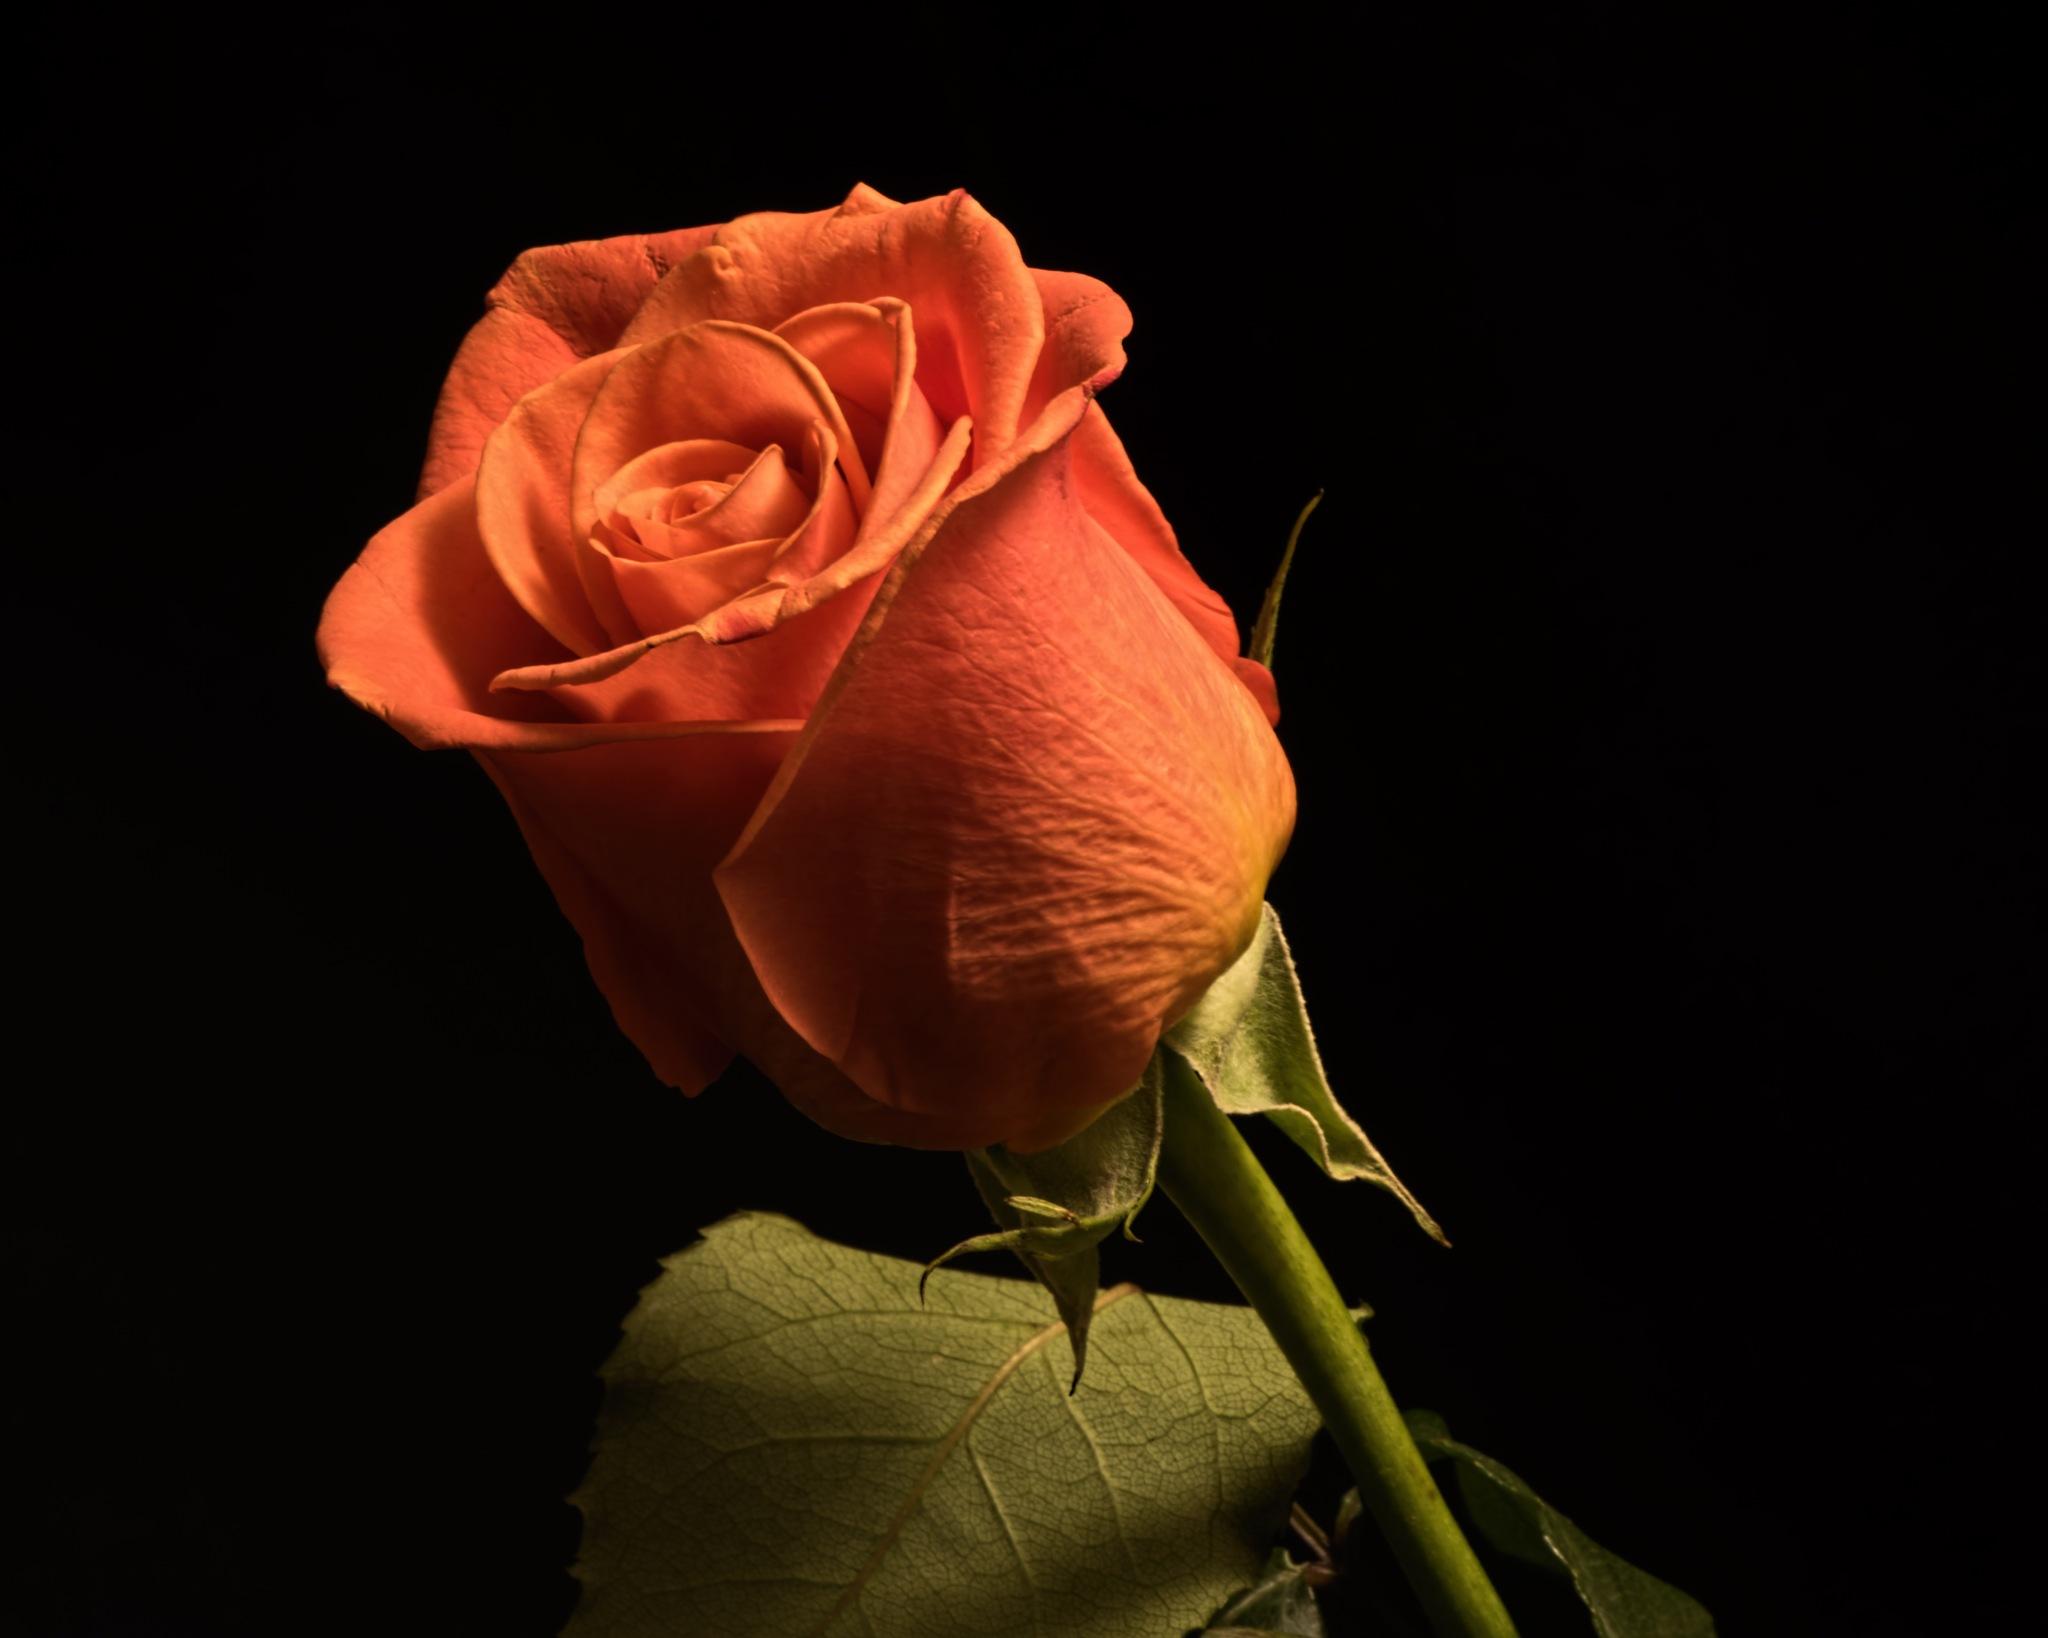 Single Orange Roses 1013 by ThomasJerger